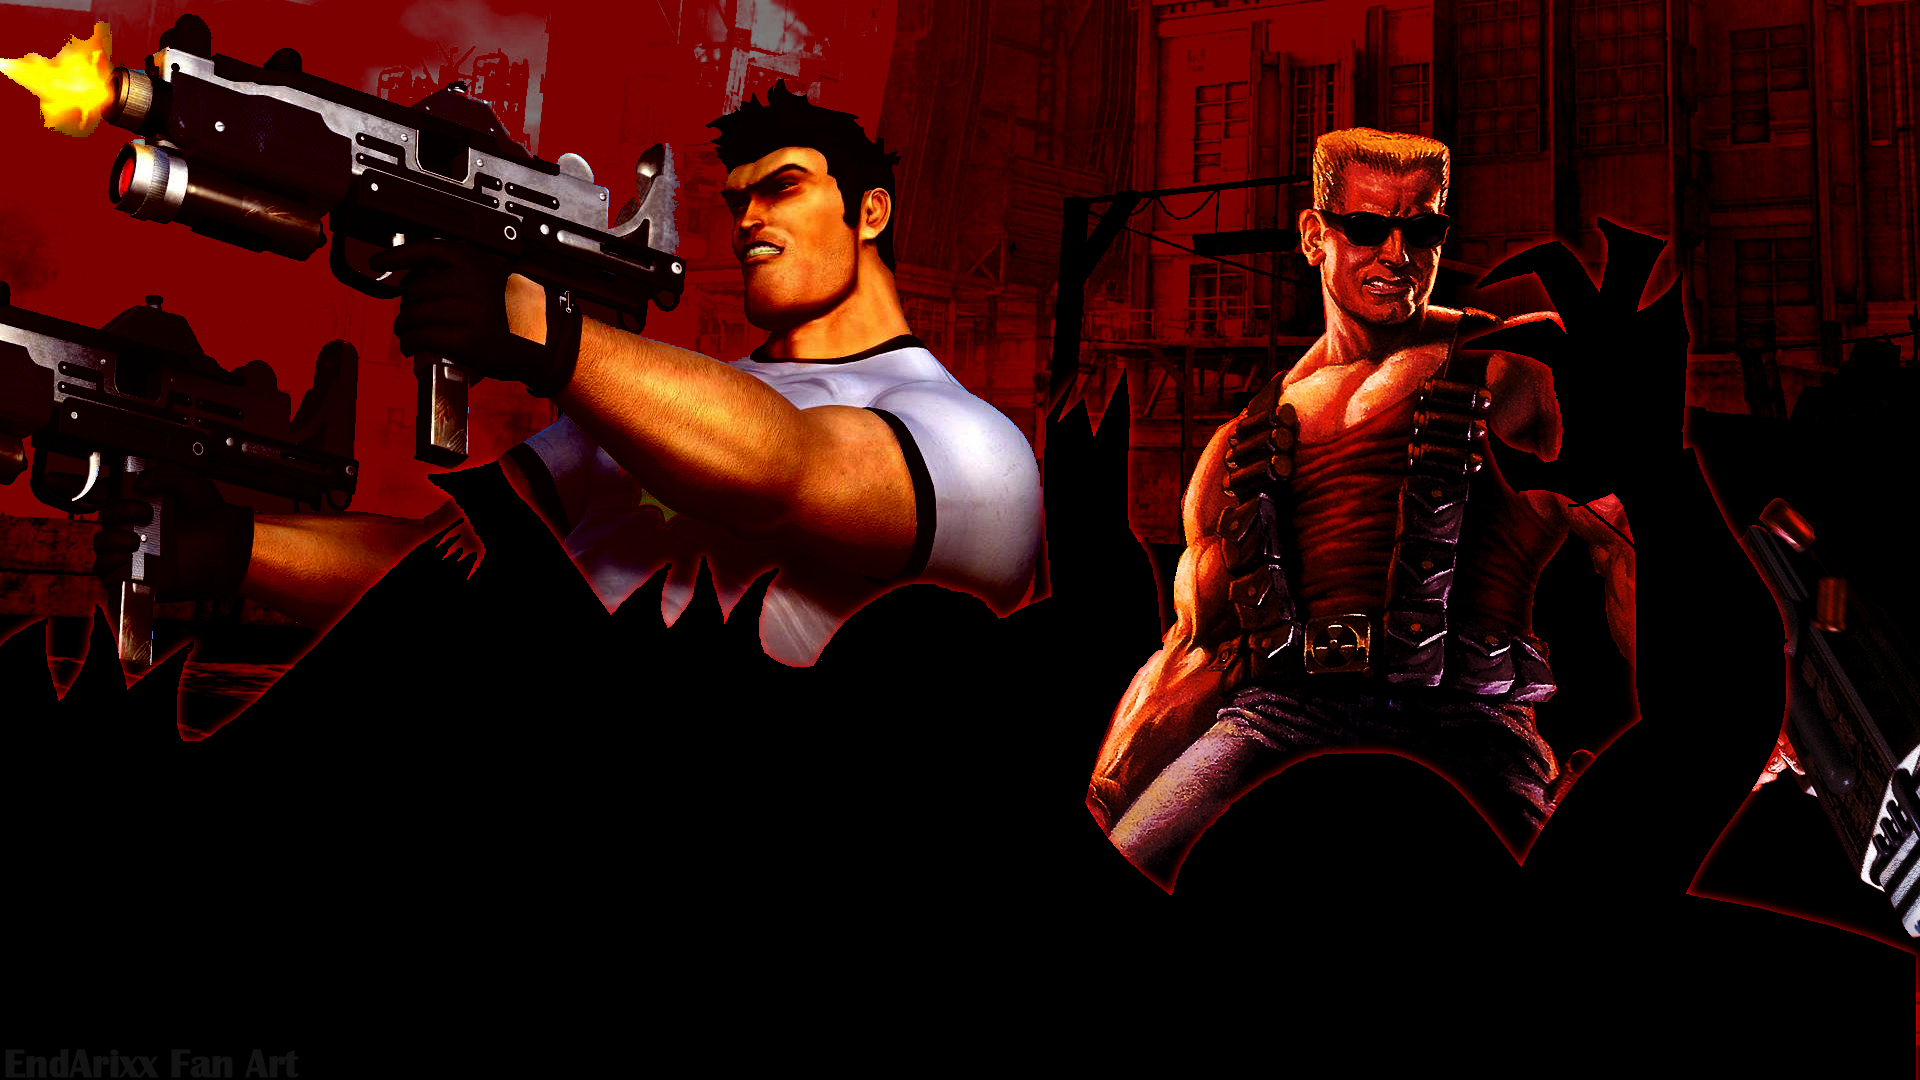 Duke Nukem And Serious Sam By EndArixx